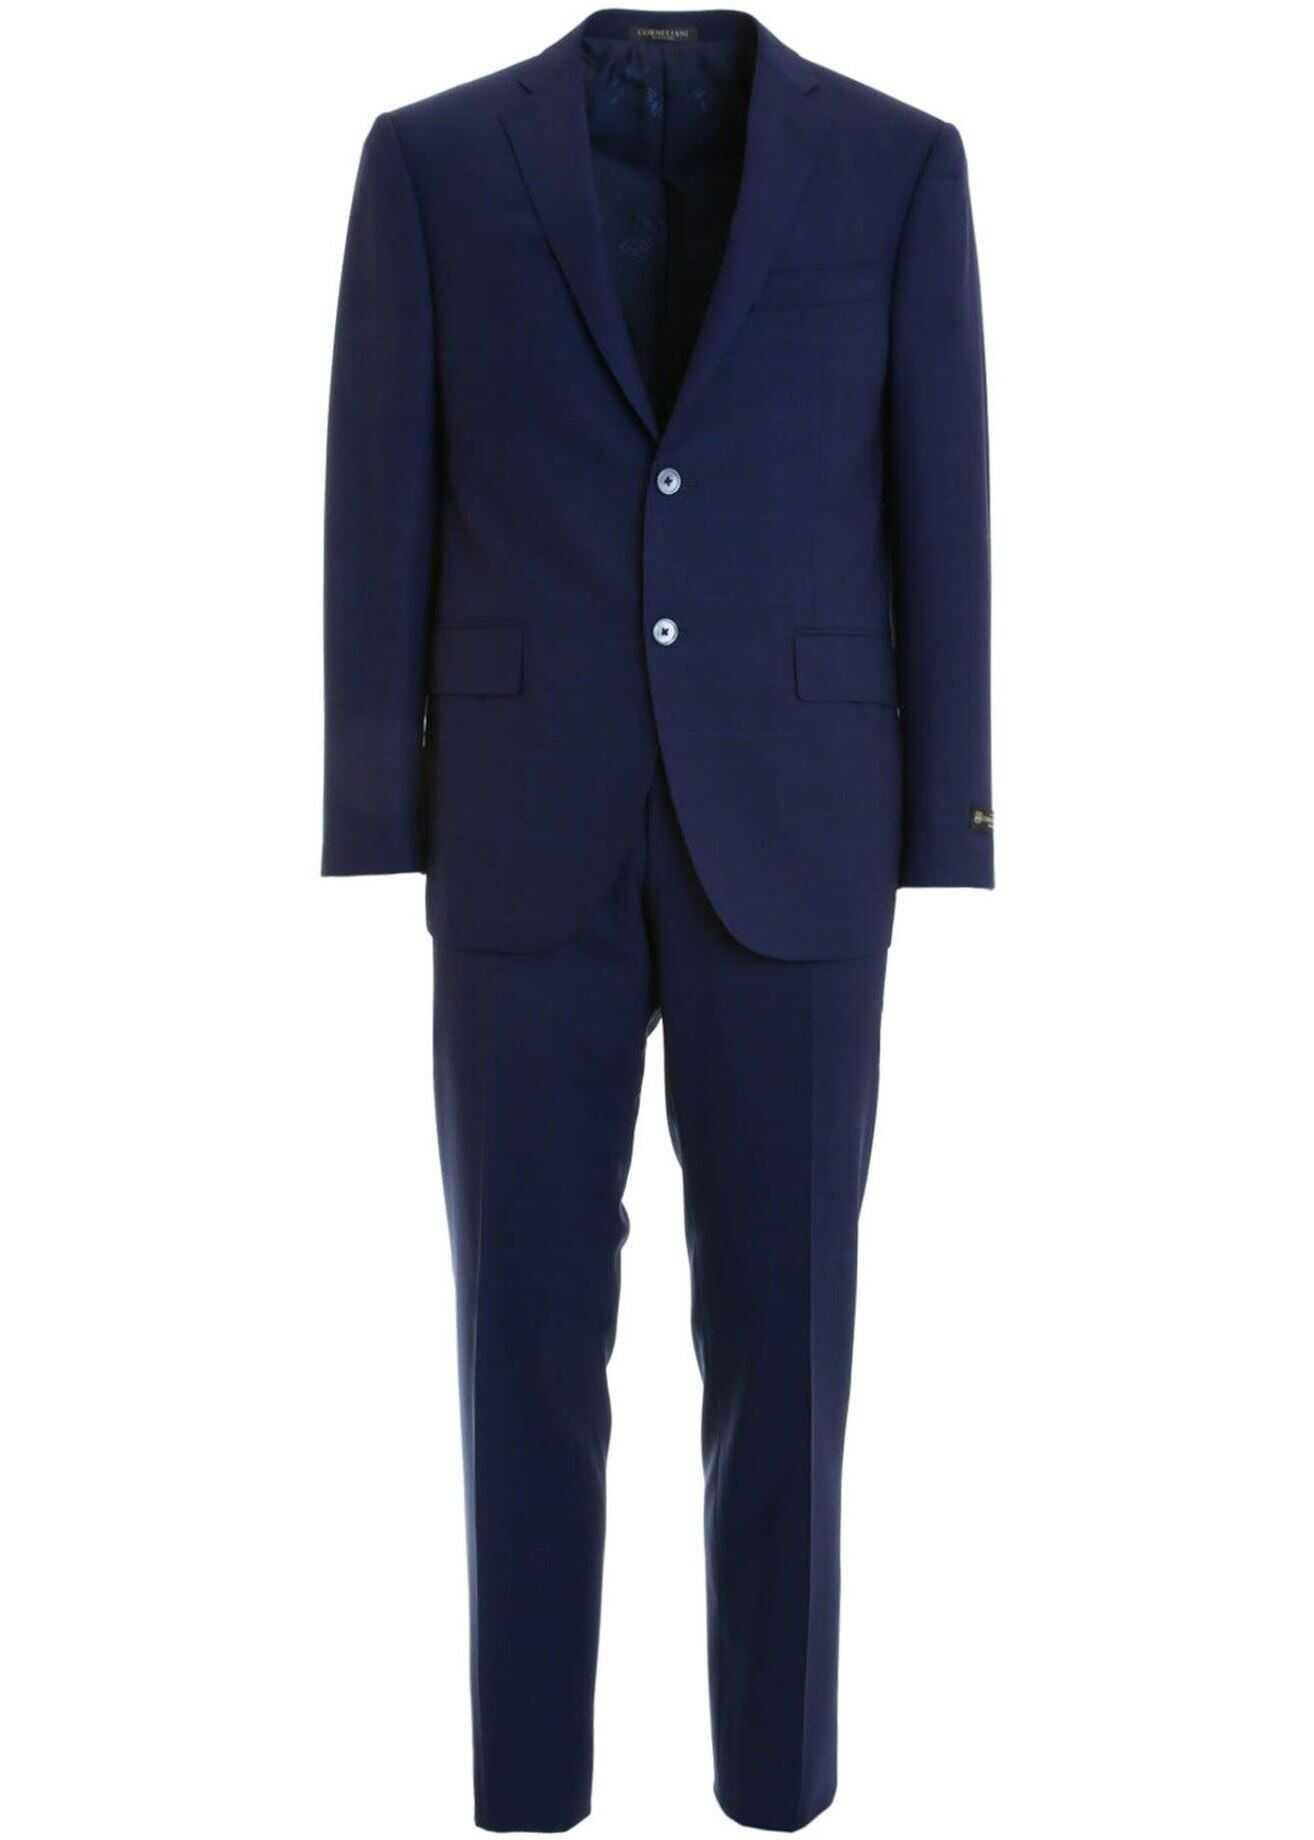 CORNELIANI Prince Of Wales Suit In Blue Blue imagine